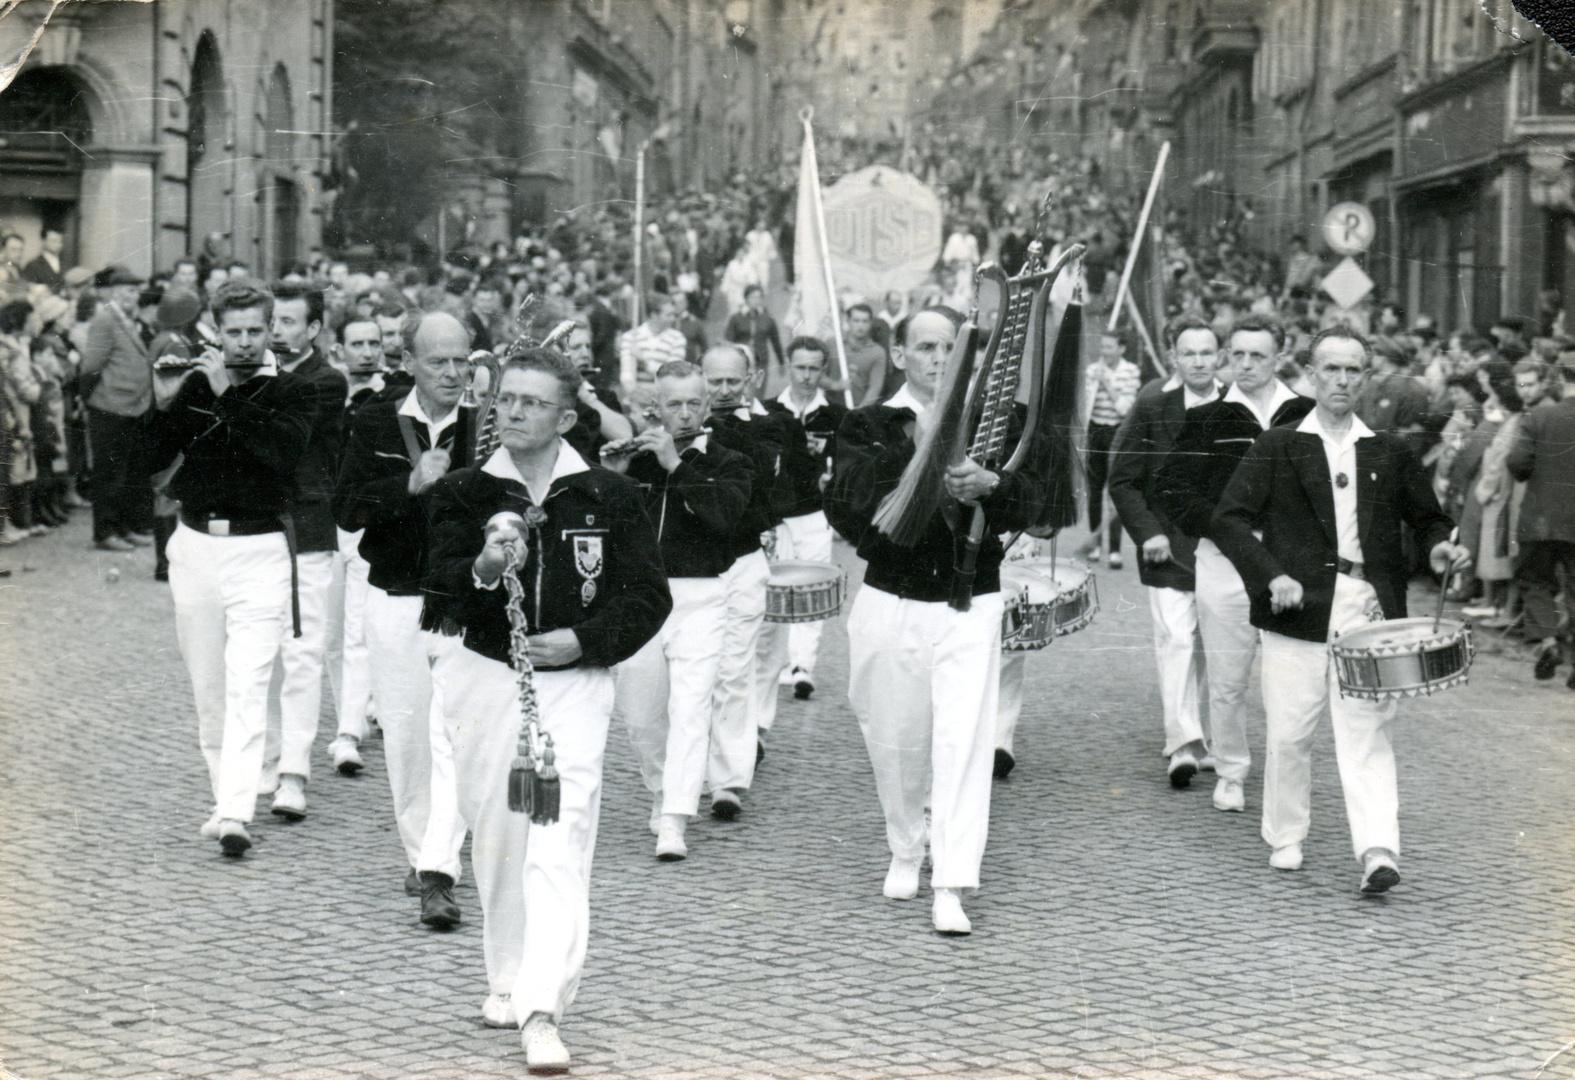 Altenburg 1. Mai